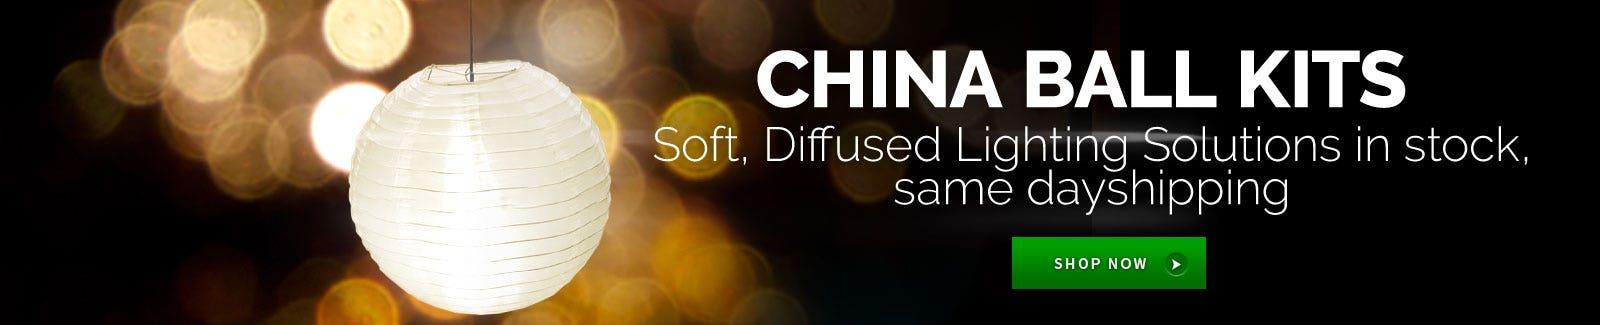 China Balls Kits